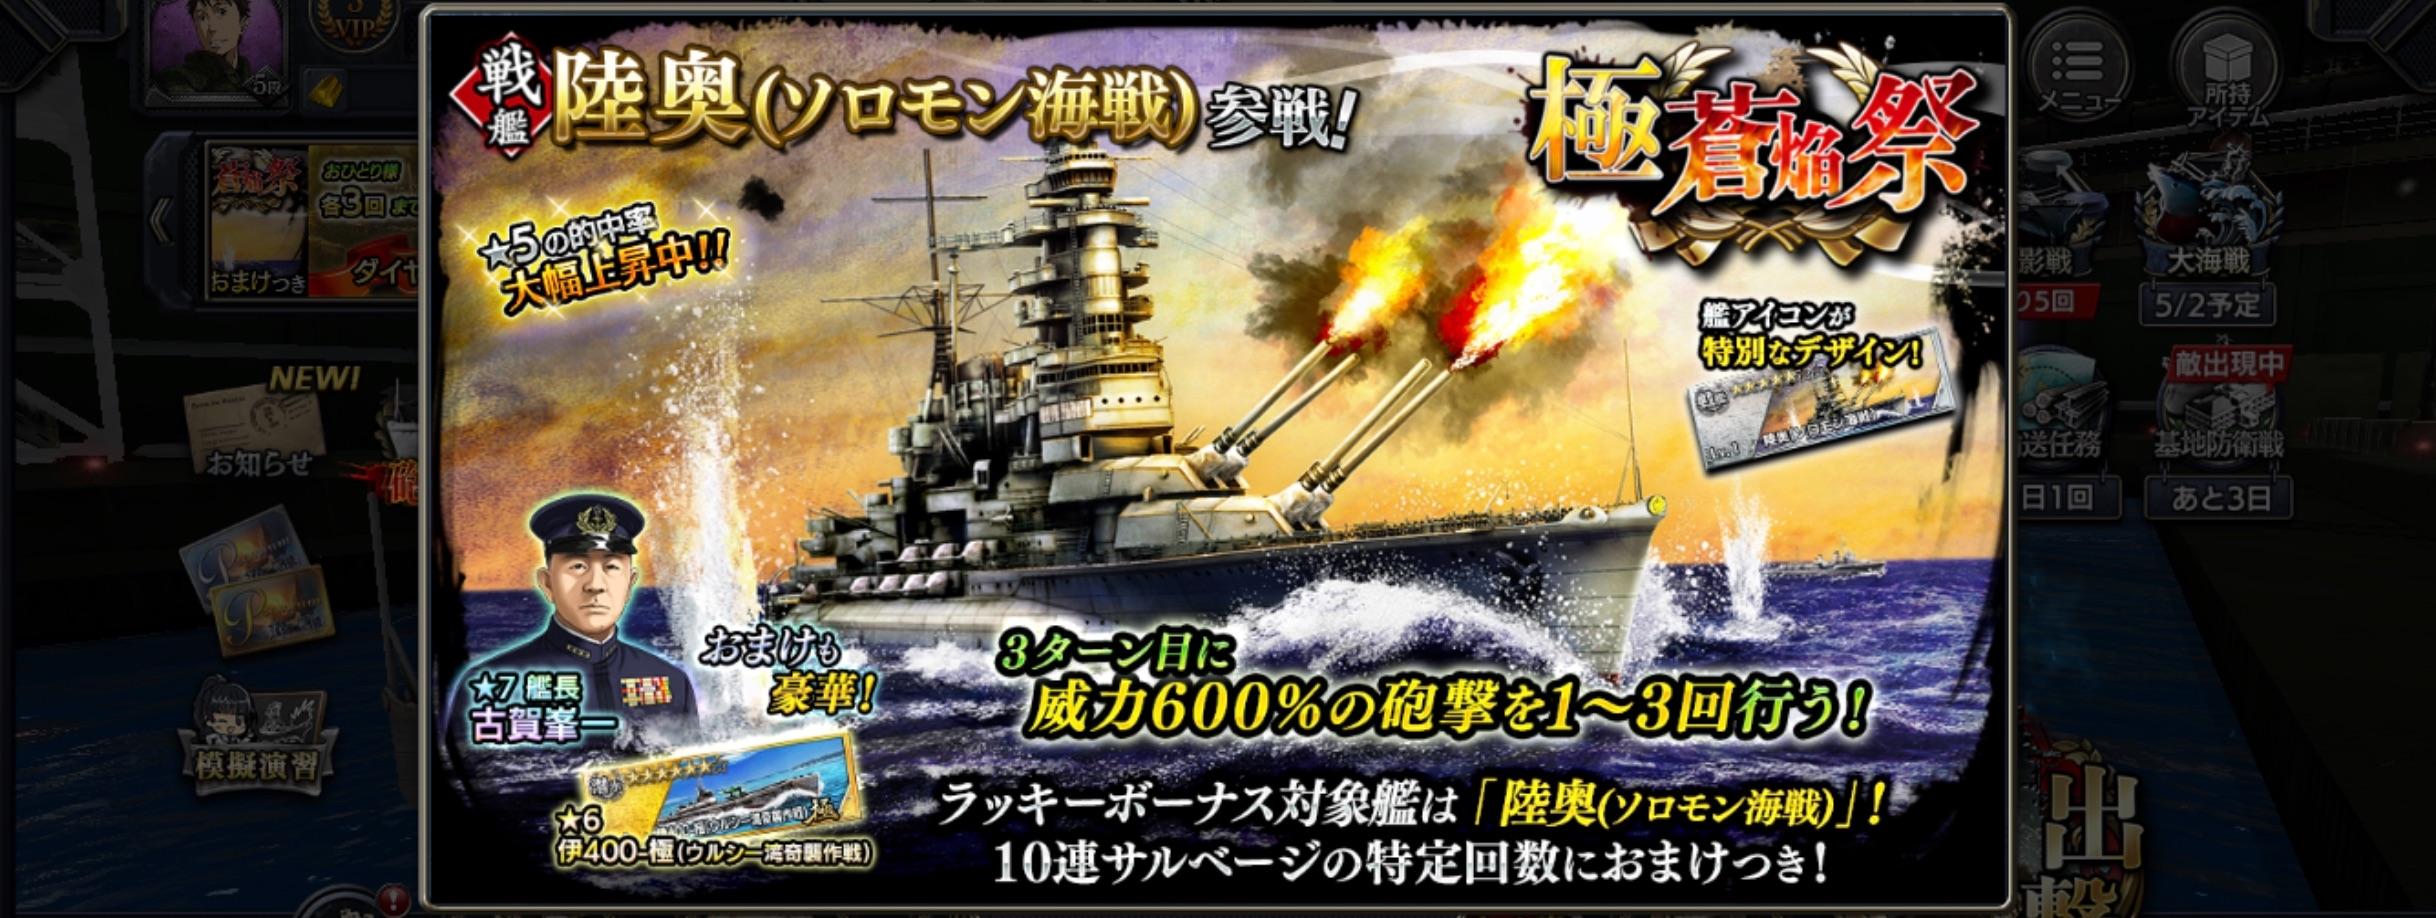 battleship-MutsuS